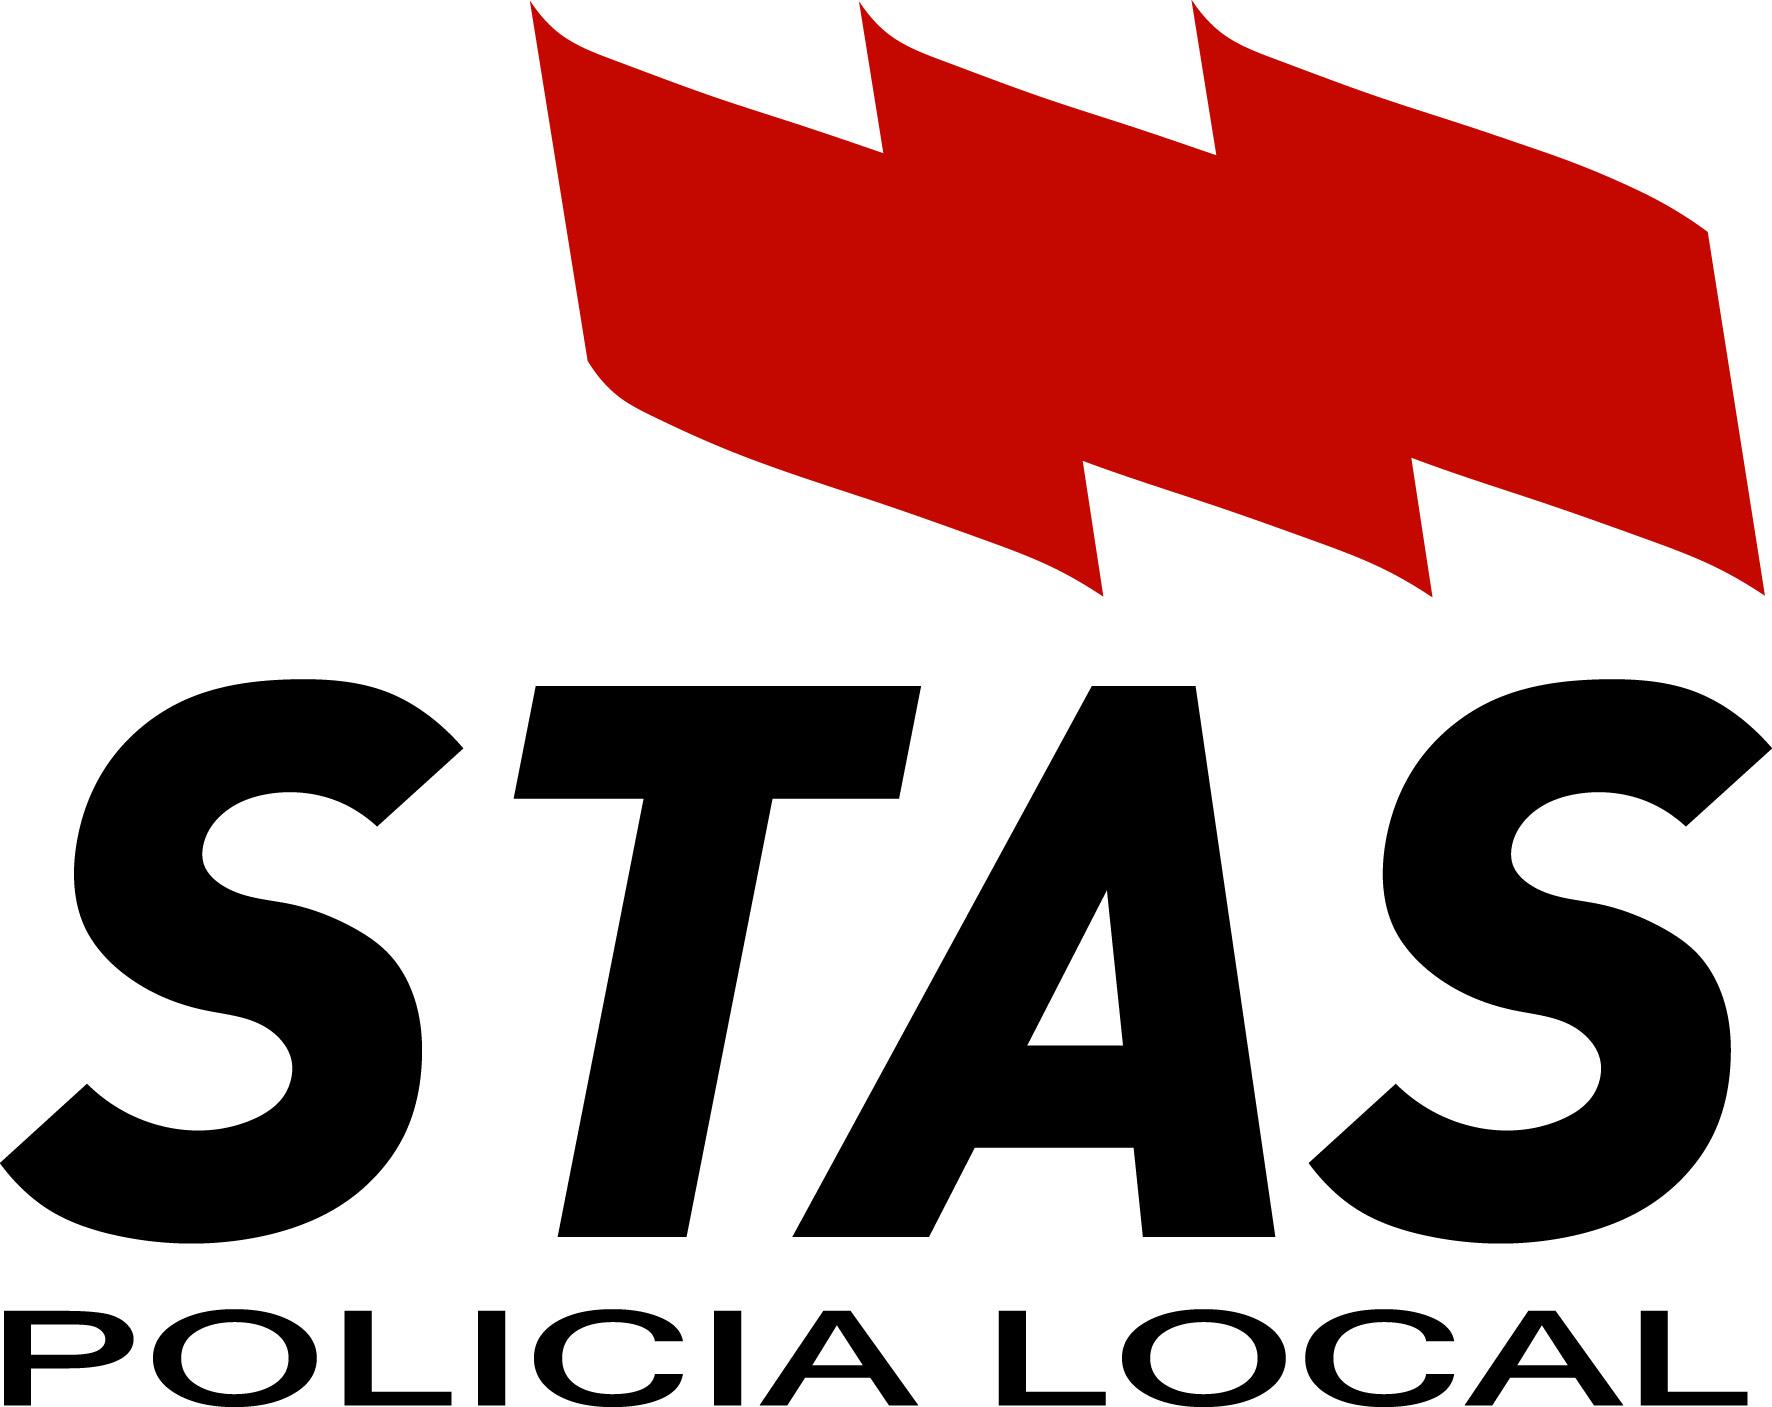 CAMBIOS ORGANIZATIVOS EN EL SECTOR POLICIA LOCAL